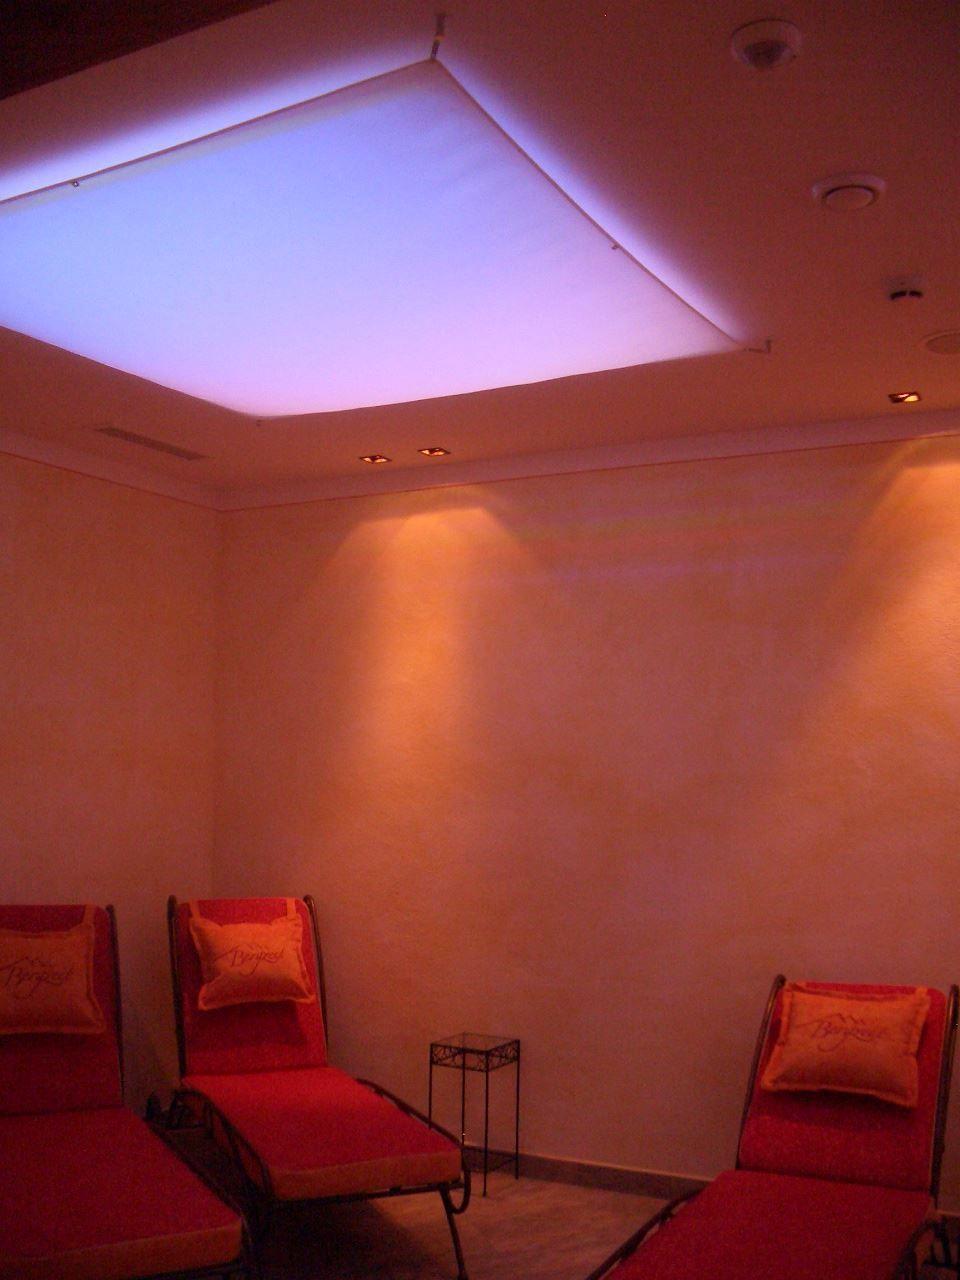 Lichtsegel Led Rgb Ww Deckenleuchte Mit Farbwechsel Lichtsegel Led Und Farbwechsel